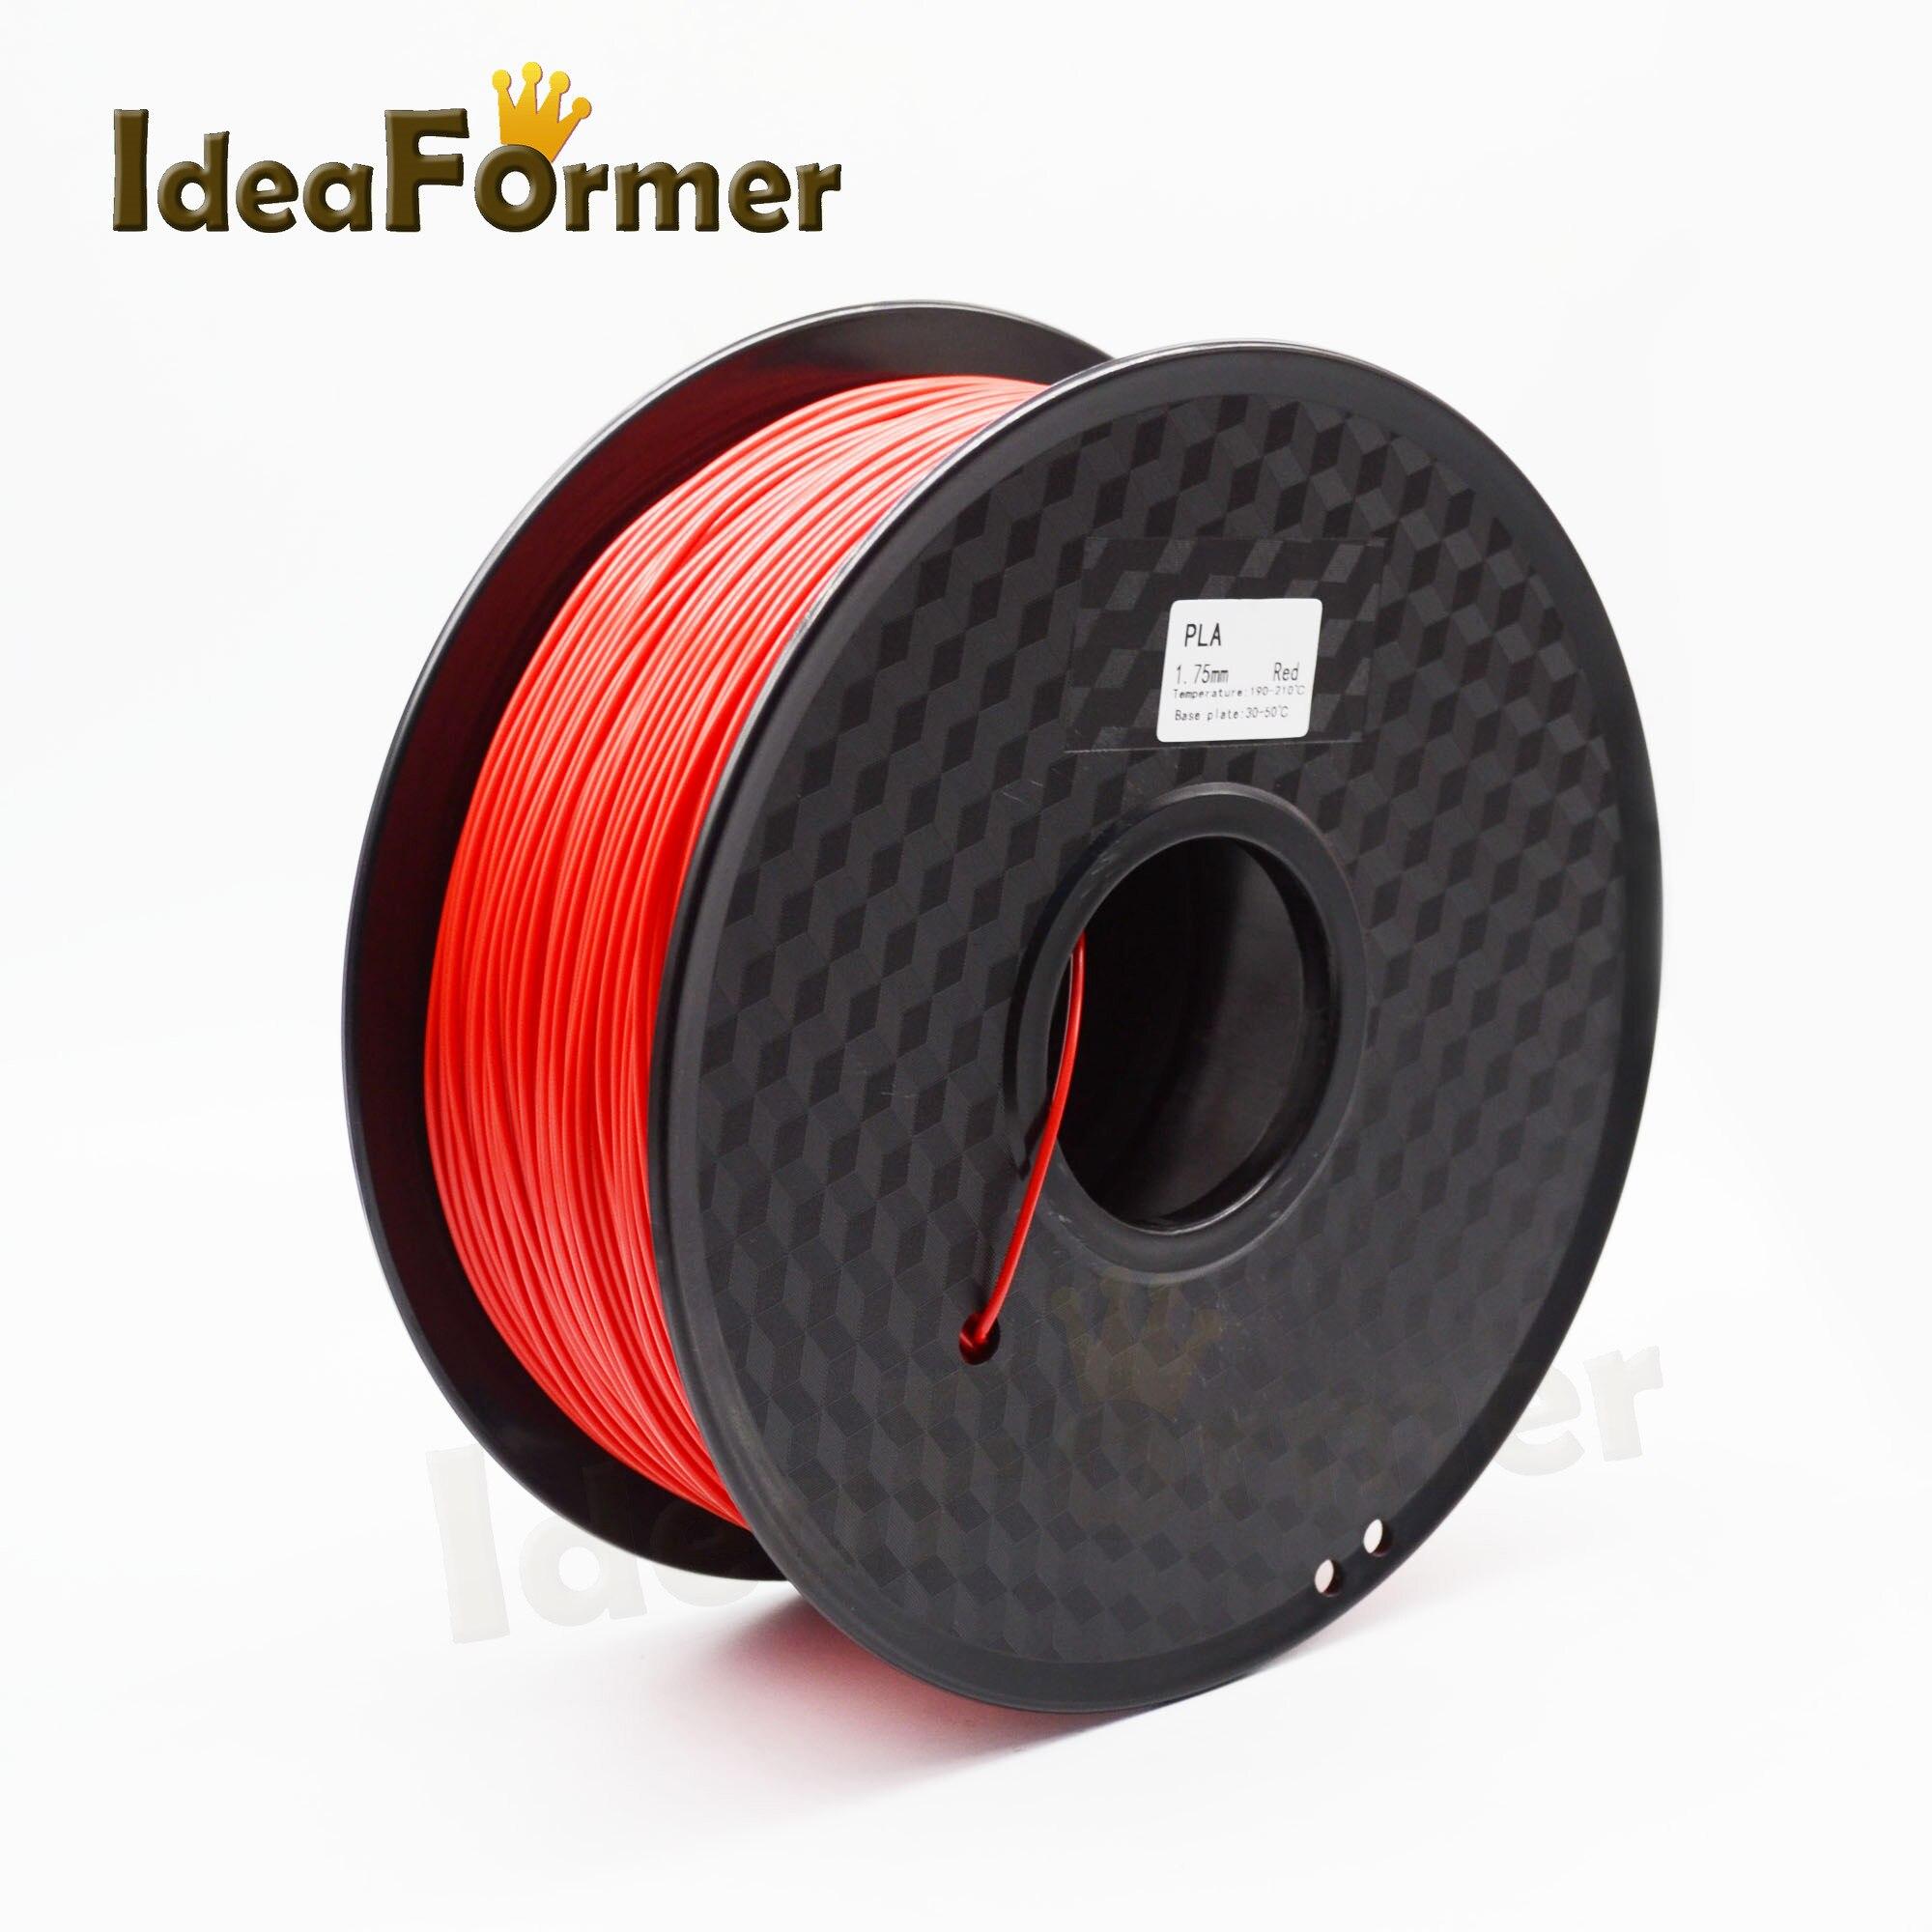 PLA Fliament 1KG Material Various colors 1.75mm plastic filaments 3D printer parts 3d printer material pla filaments consumables 3mm 1kg plastic cable